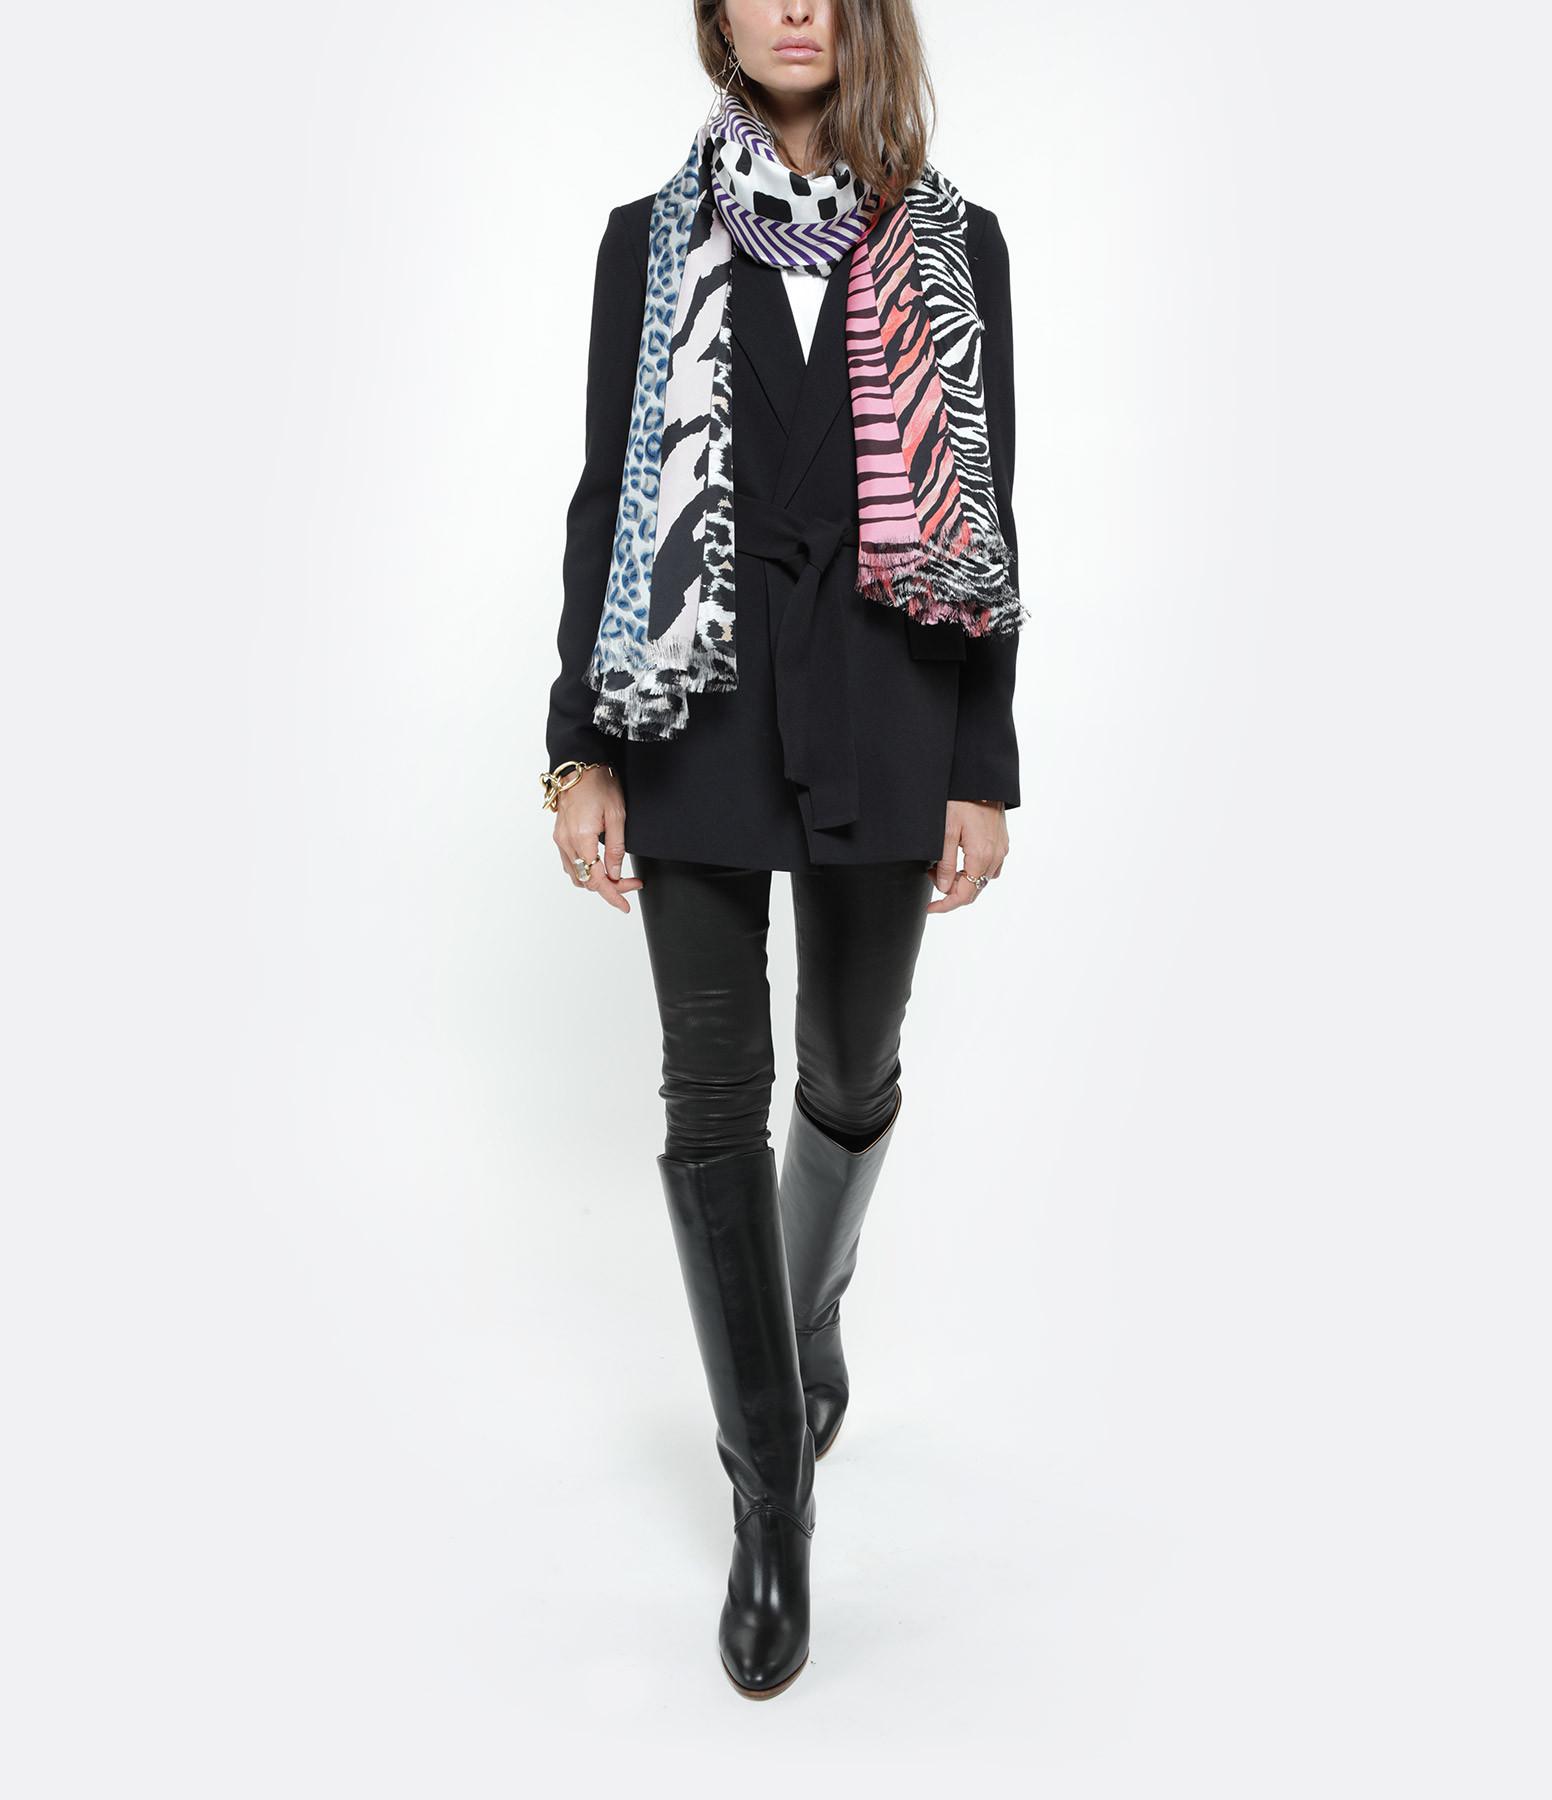 PIERRE-LOUIS MASCIA - Foulard Aloeuw Soie Imprimé Noir Rose 135x195